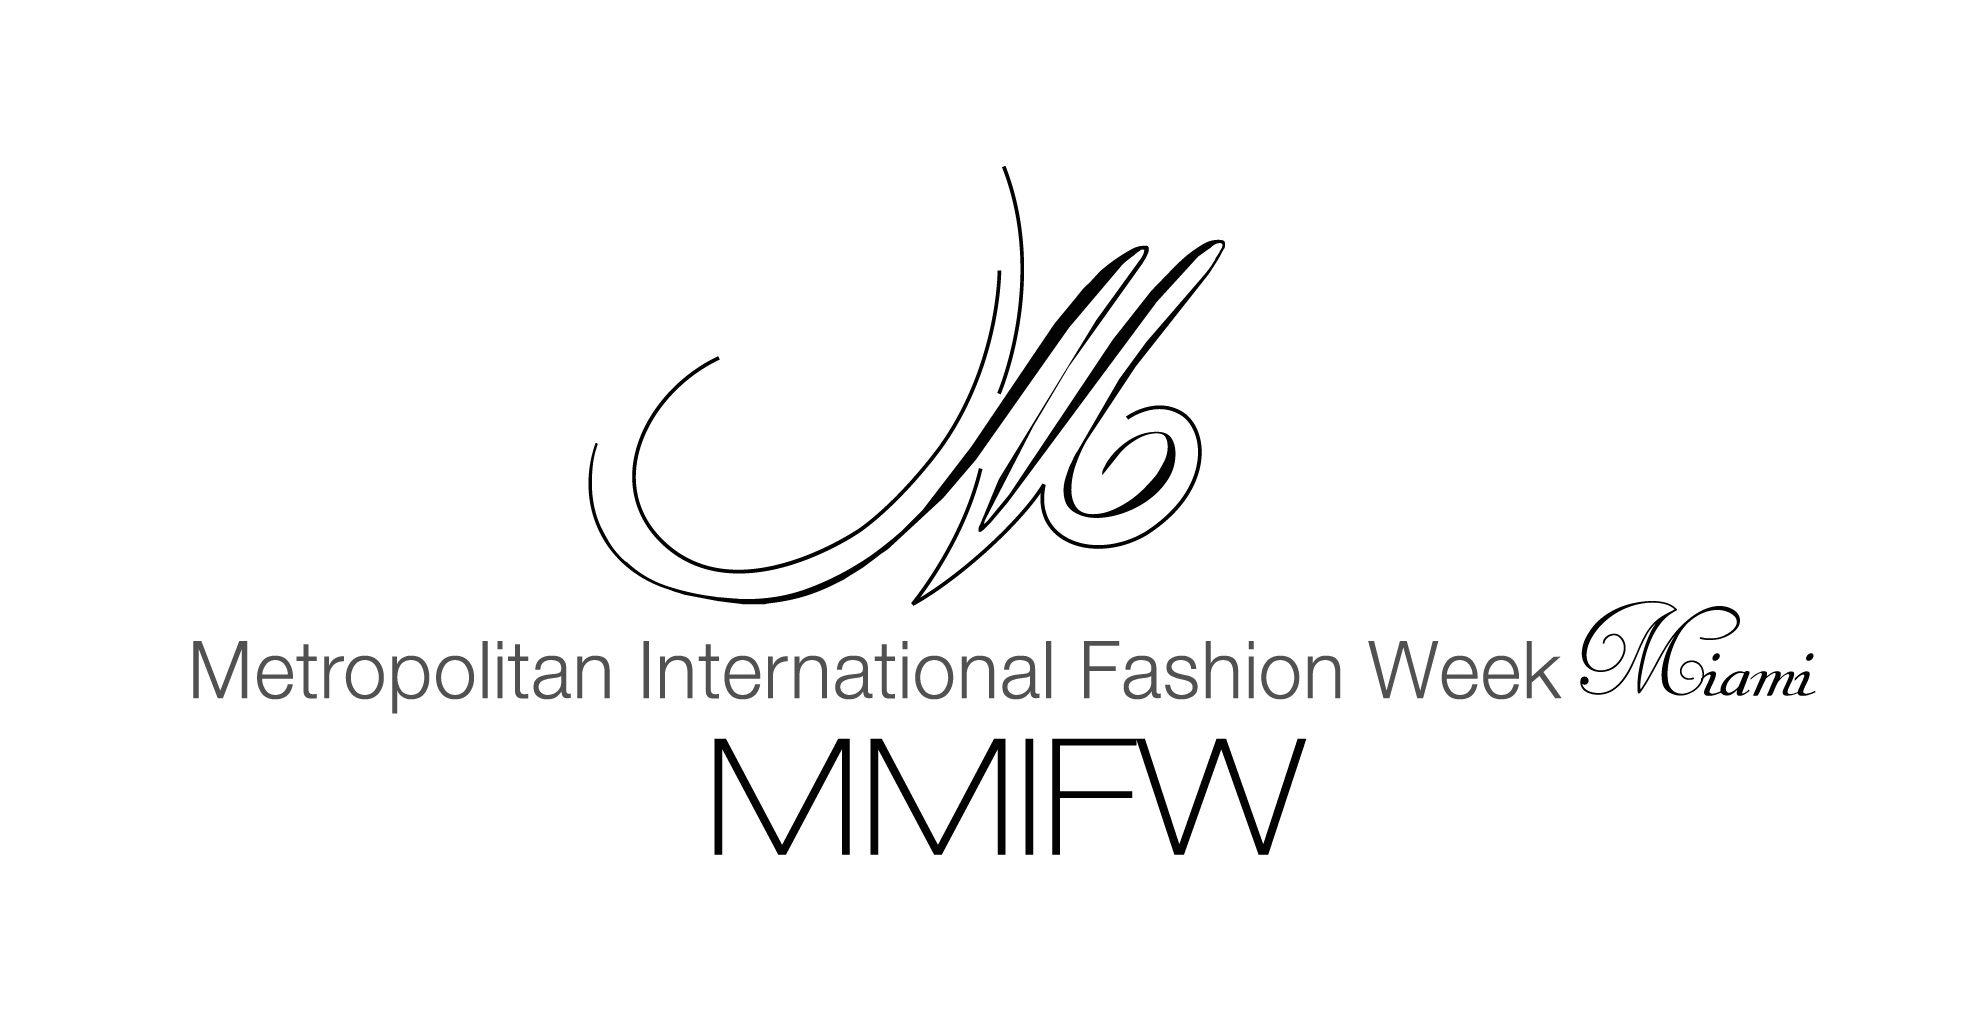 Metropolitan International Fashion Week Logo